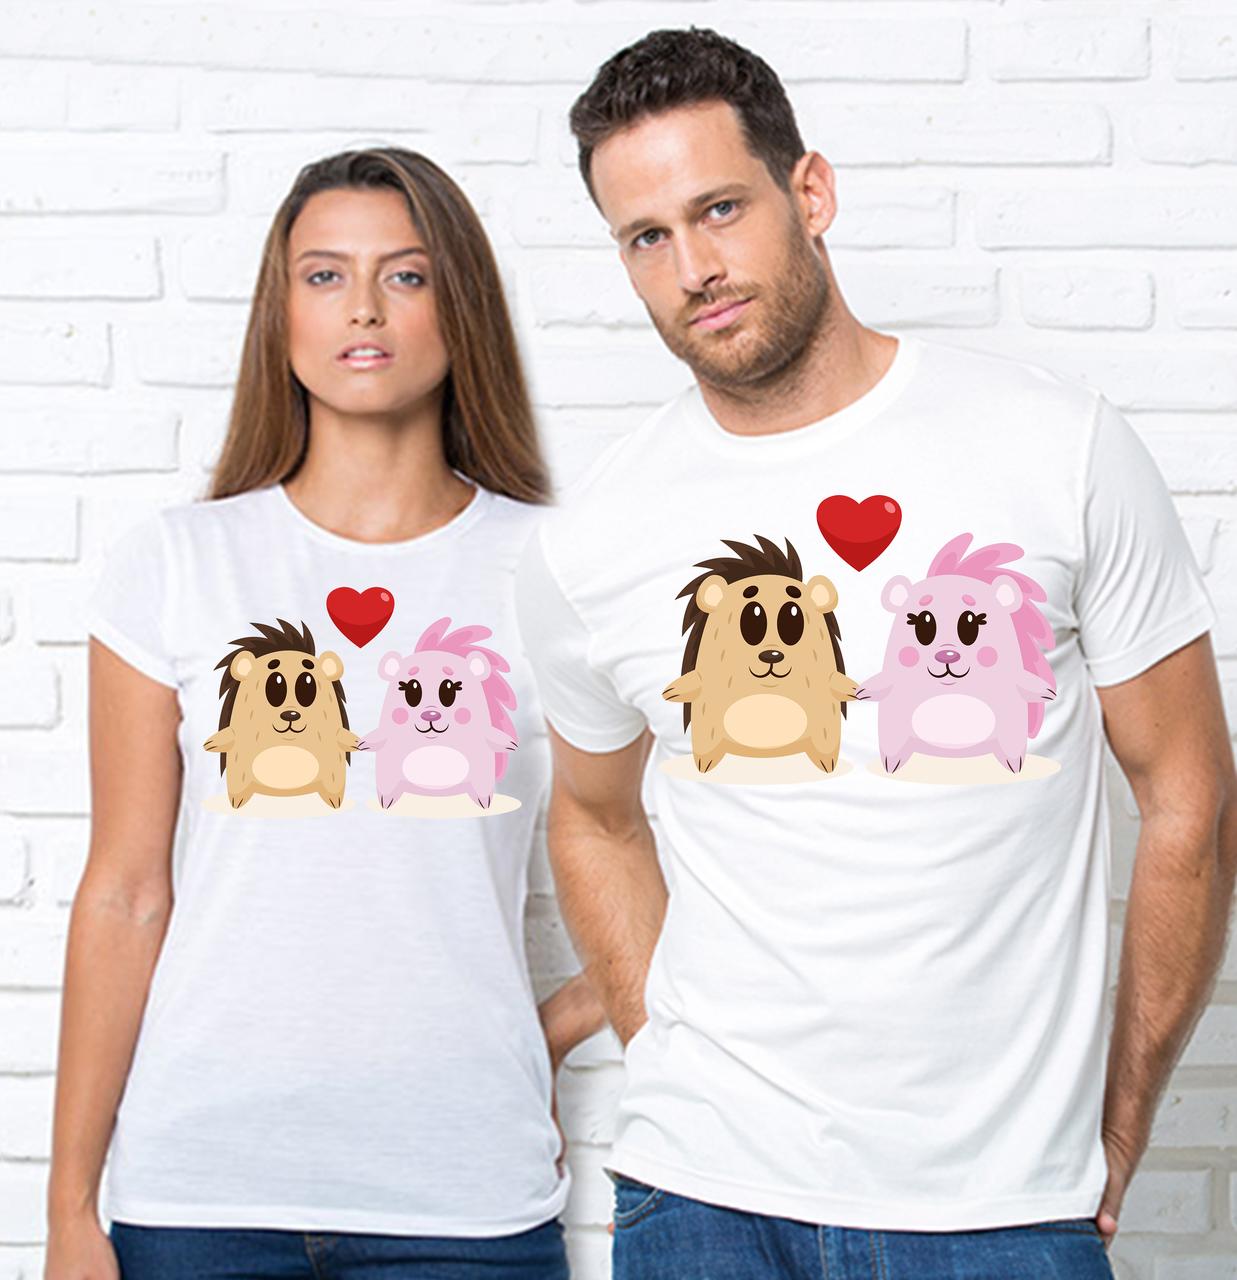 Парні футболки з принтом їжачки Парні футболки з принтом Їжаки